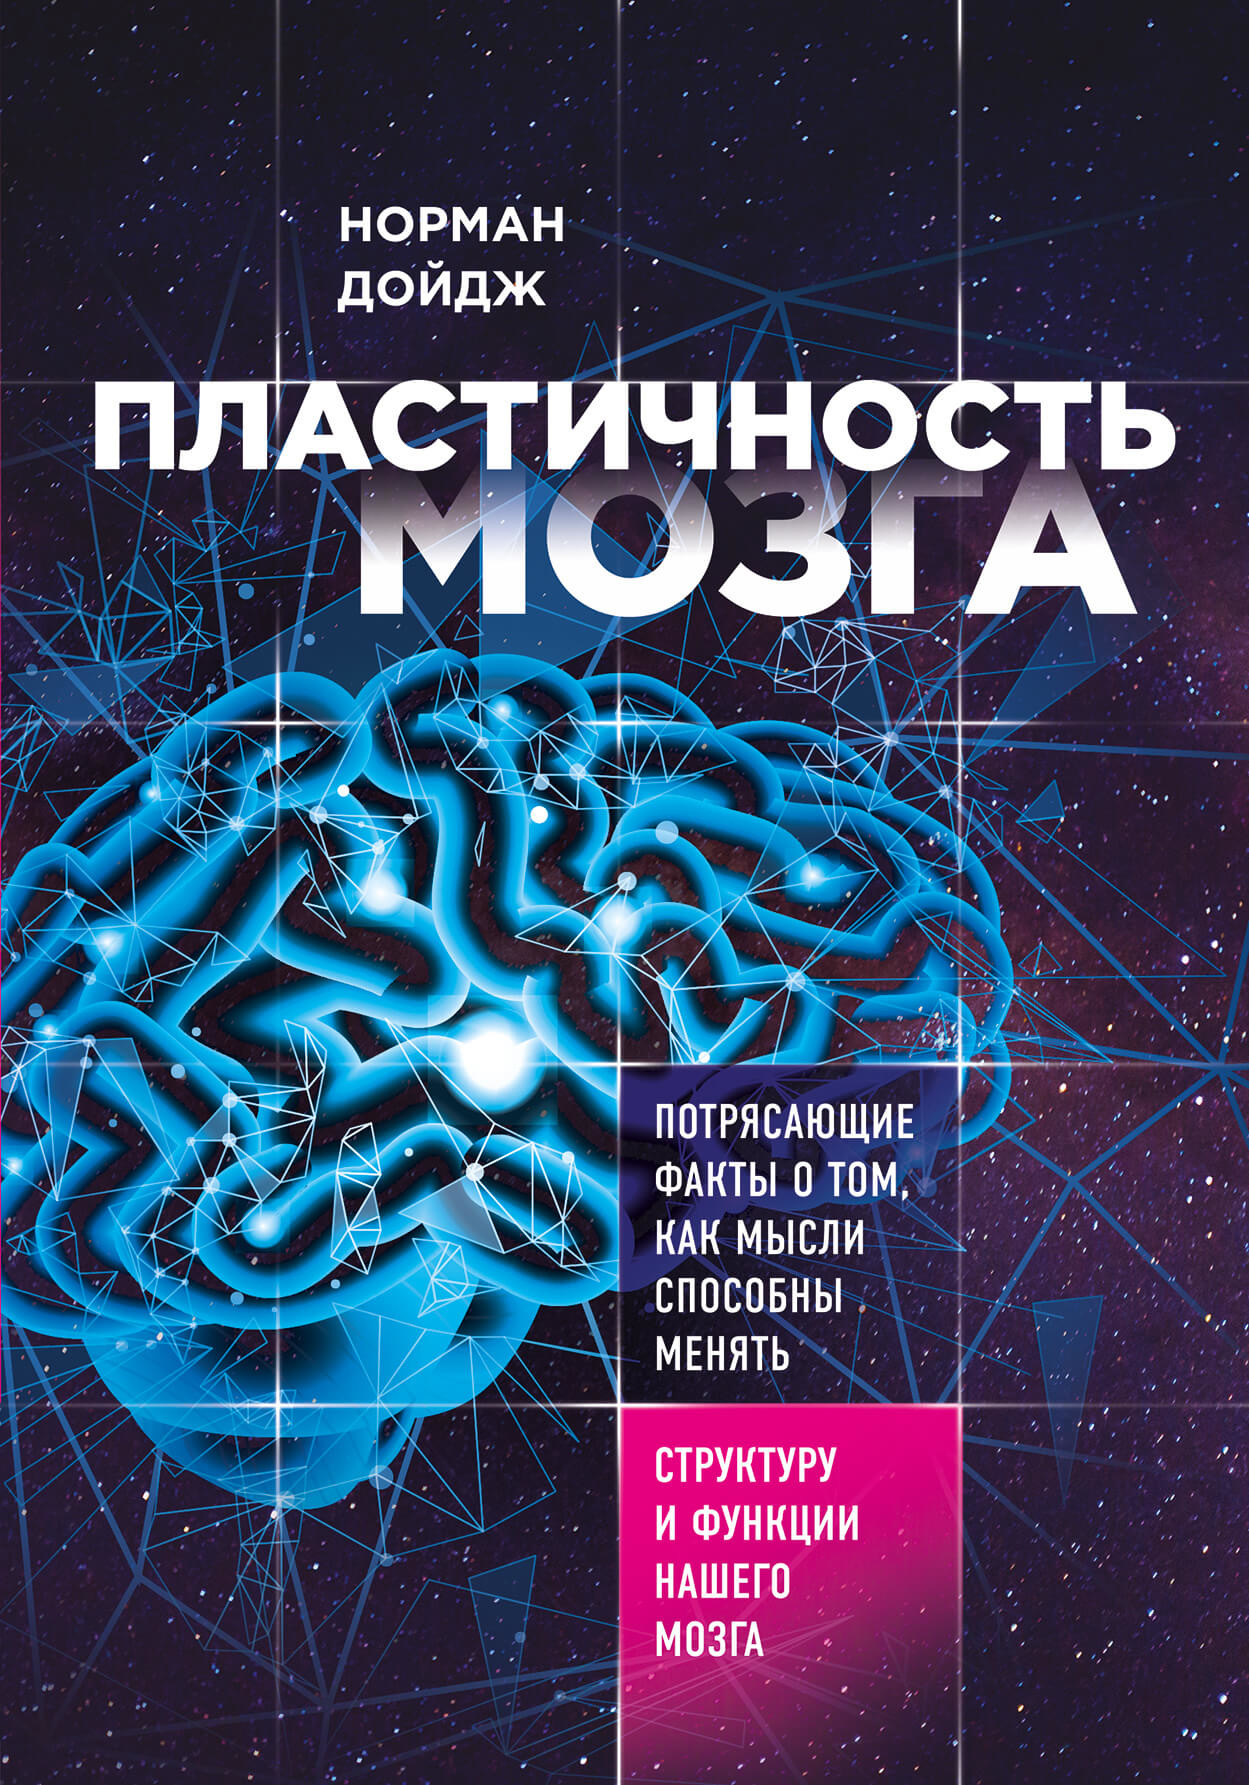 Пластичность мозга. Потрясающие факты о том, как мысли способны менять структуру и функции нашего мозга . Автор — Норман Дойдж. Переплет —